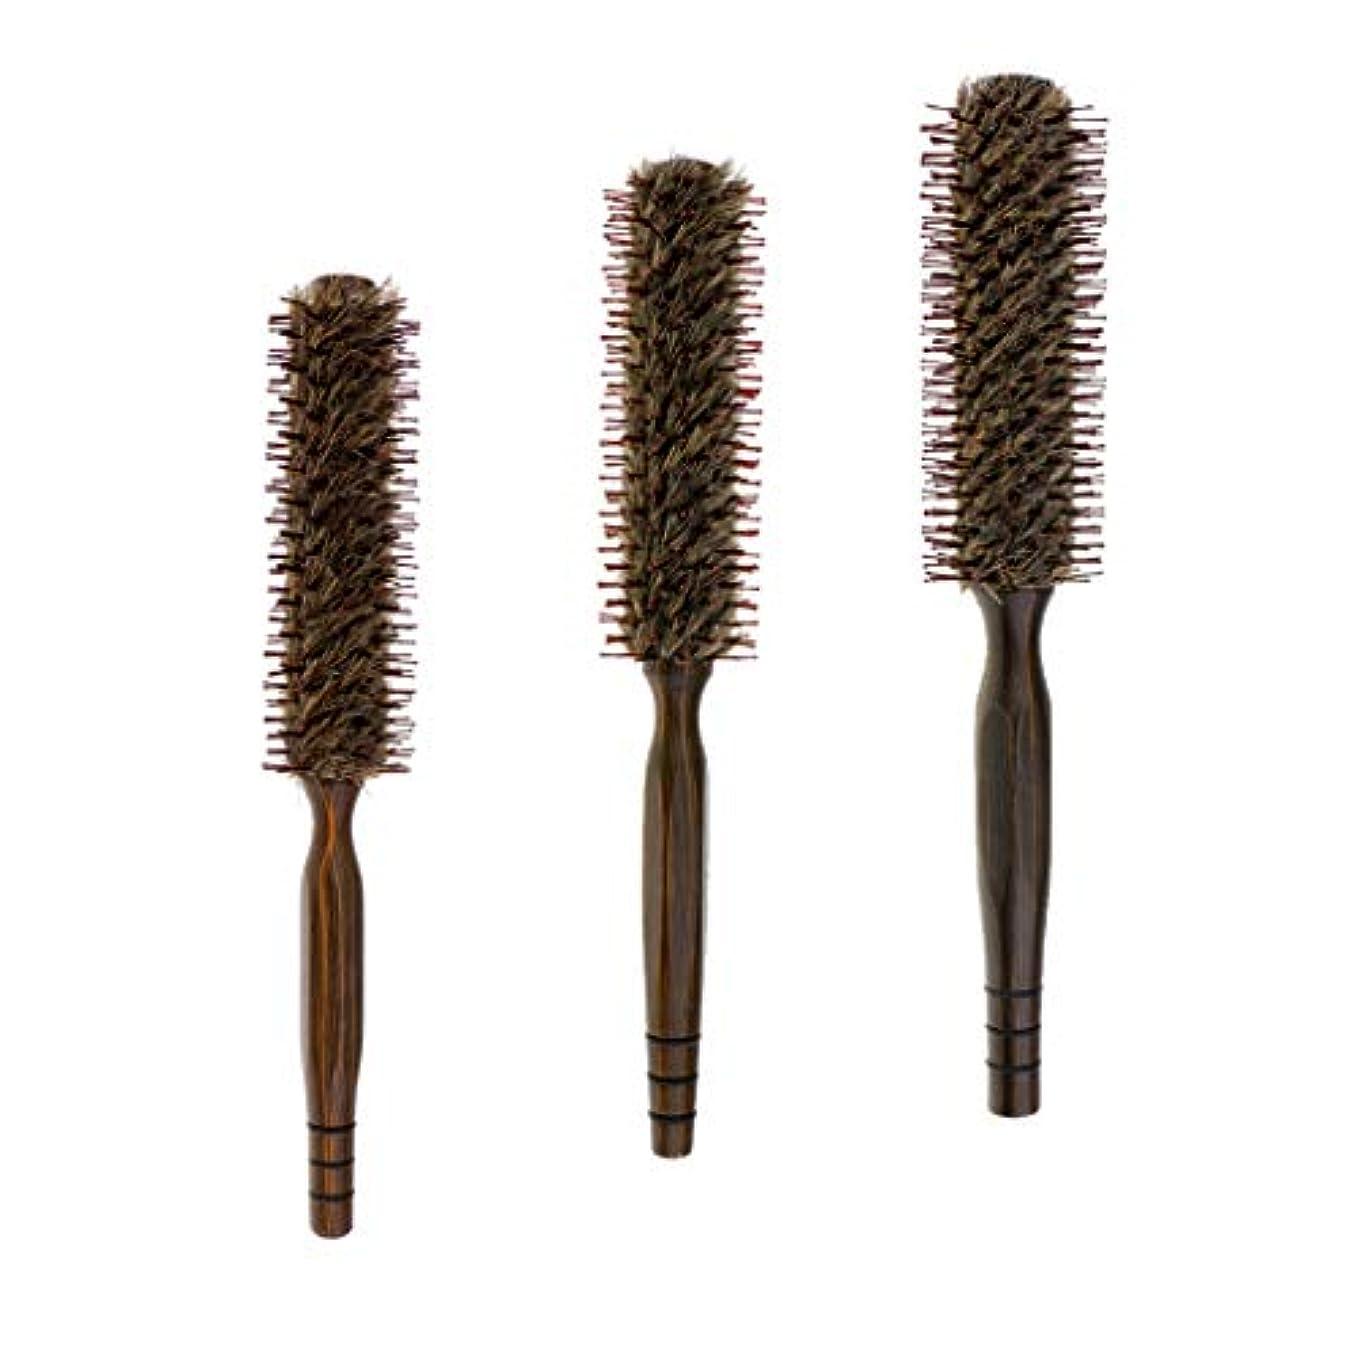 トピック遊具味わう3本 ヘアブラシ 木製櫛 ロールブラシ プロ 美容師 ヘアサロン 自宅用